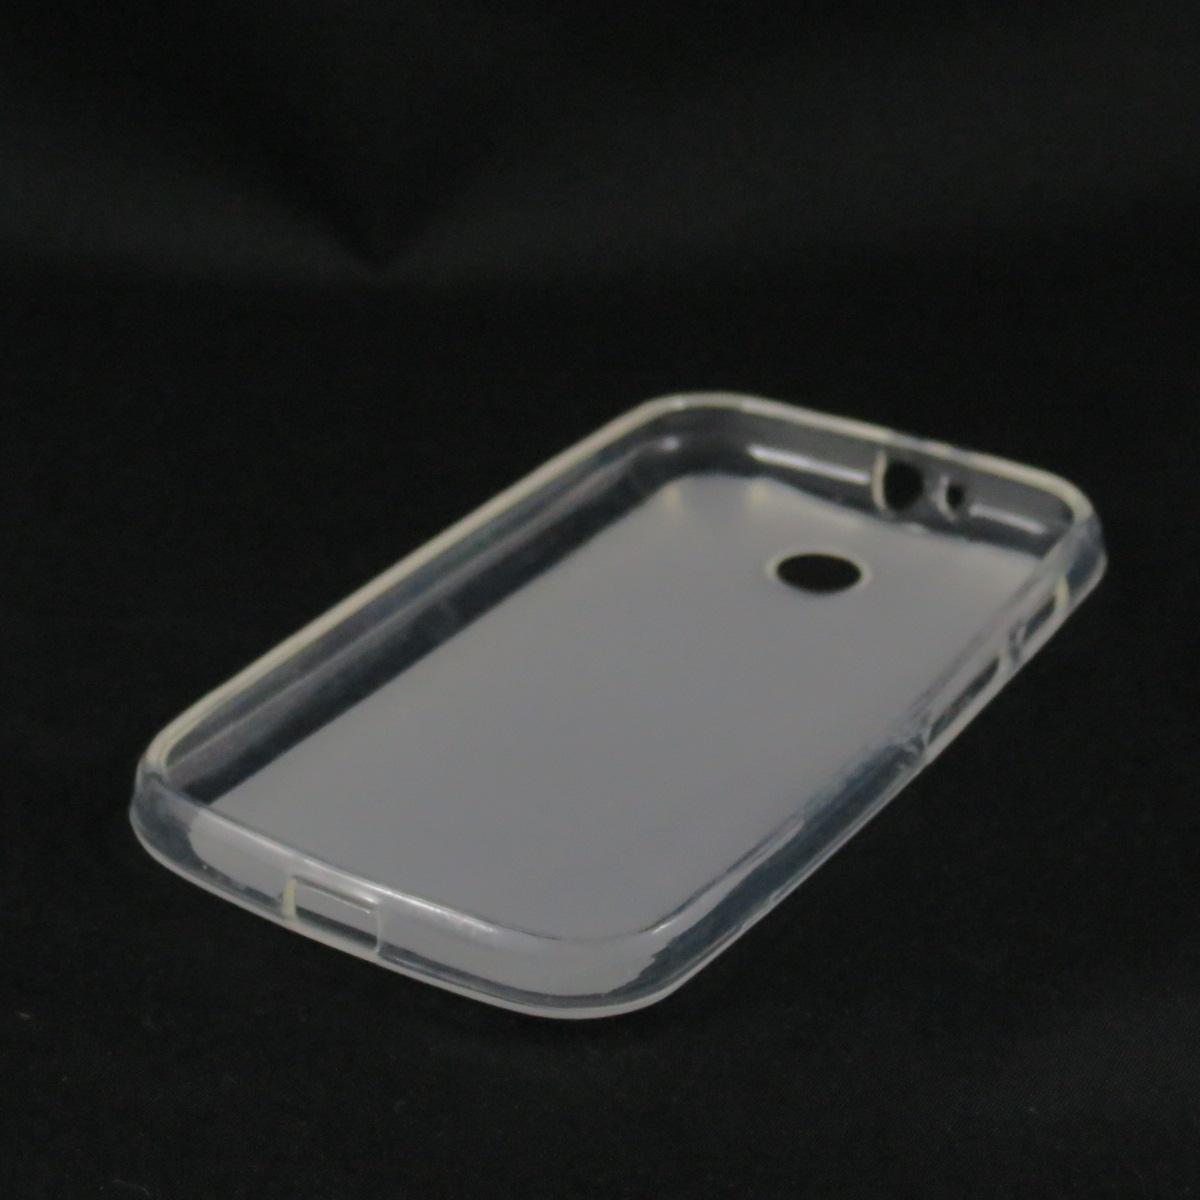 Capa Moto E - Transparente Fosca Flexível TPU